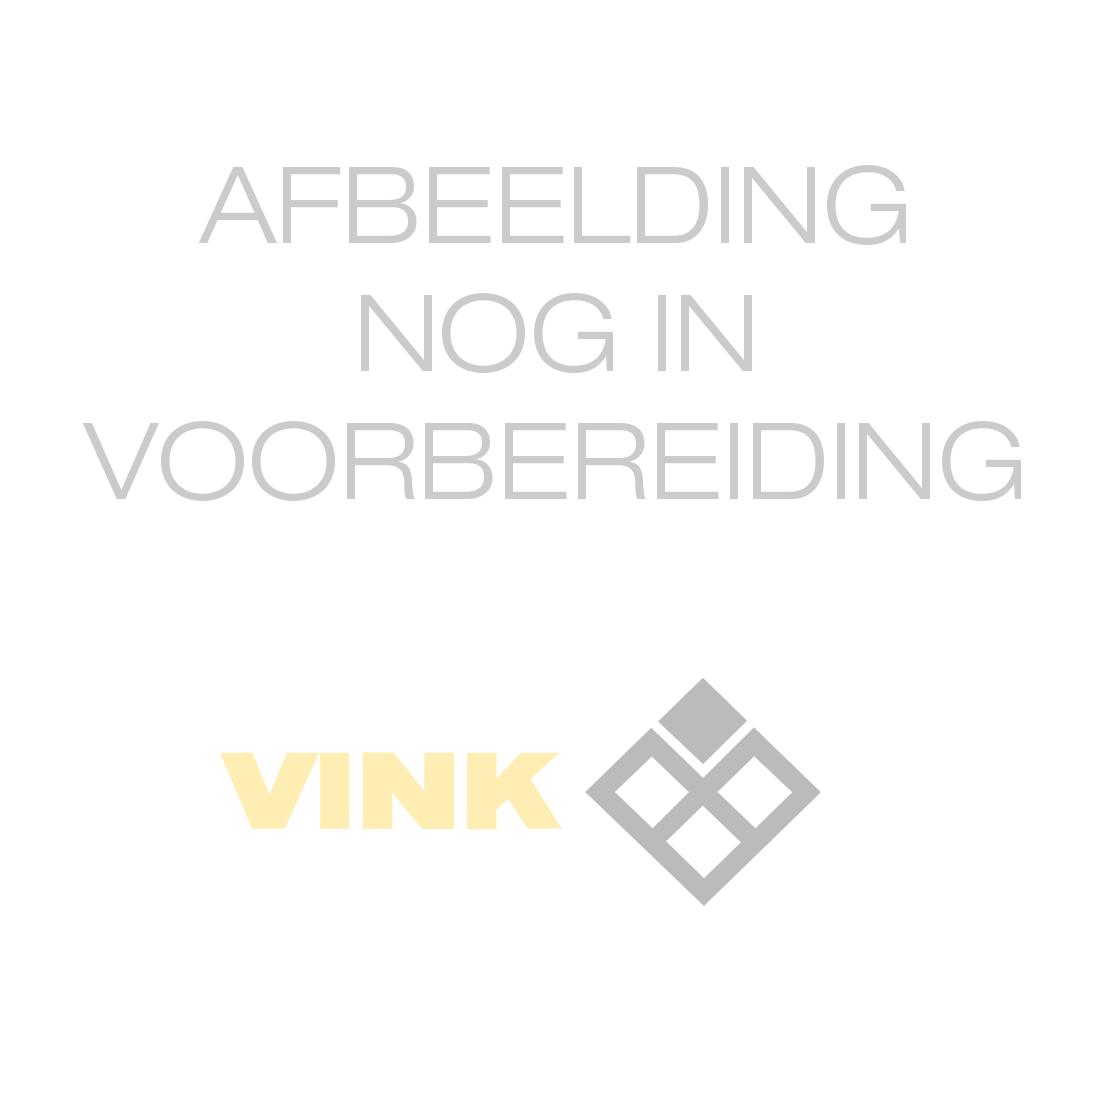 GF ABS VERLOOPSTUK KORT d63 -d50 LIJMEIND/SOK PN10 729900358